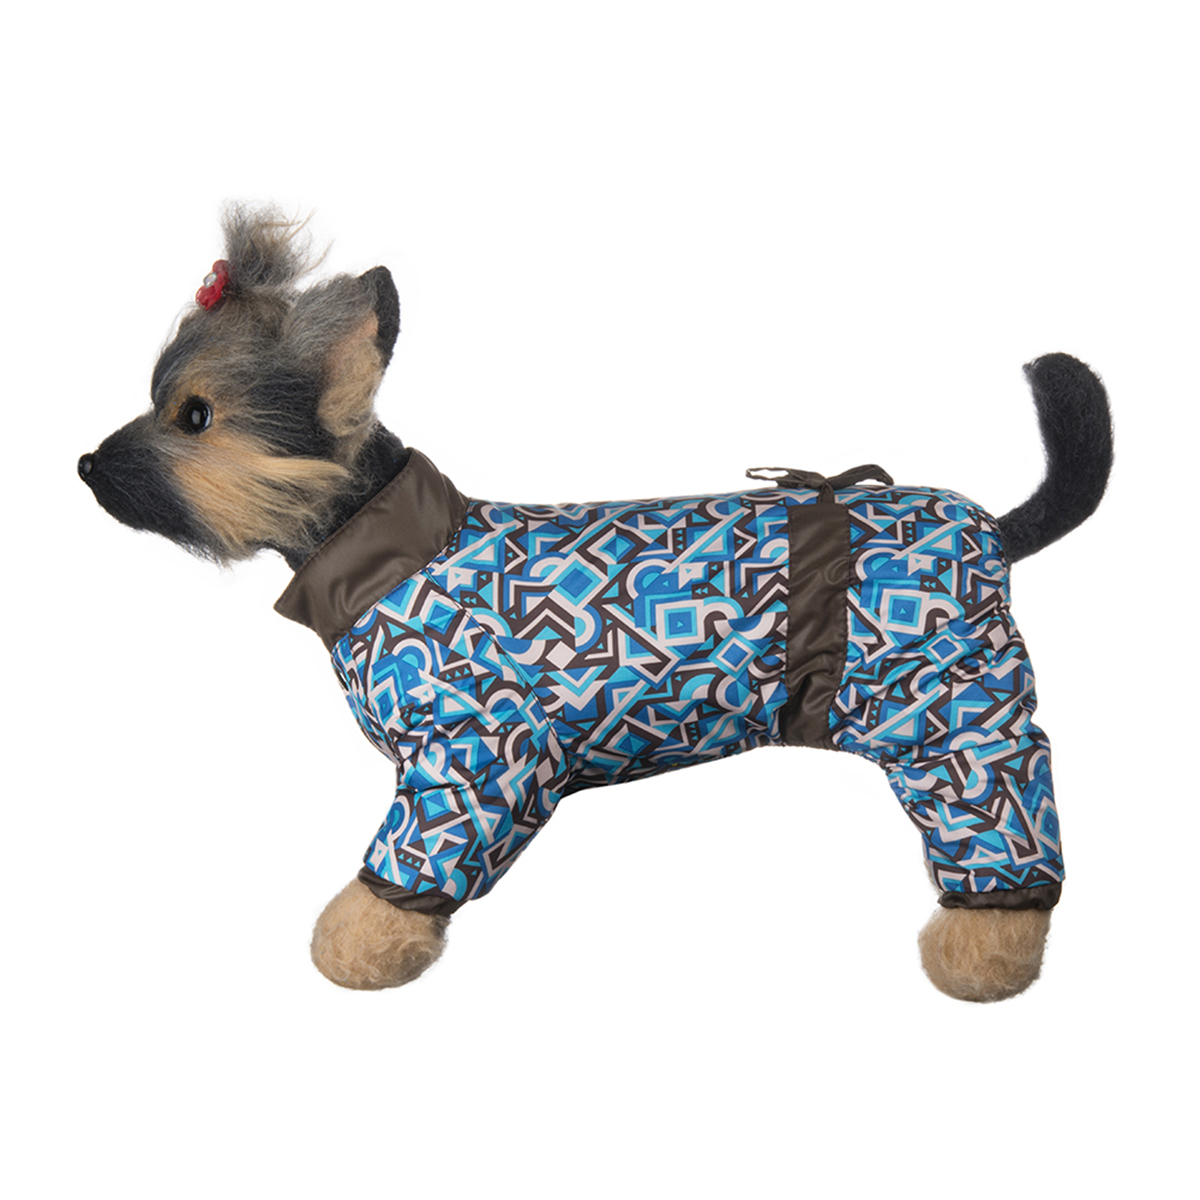 Комбинезон для собак Dogmoda Норд, зимний, унисекс, цвет: коричневый, бежевый, голубой. Размер 3 (L)DM-150347-3Теплый комбинезон для собак Dogmoda Норд отлично подойдет для прогулок в зимнее время года. Комбинезон изготовлен из полиэстера, защищающего от ветра и снега, с утеплителем из синтепона, который сохранит тепло даже в сильные морозы, а на подкладке используется искусственный мех, который обеспечивает отличный воздухообмен.Комбинезон застегивается на кнопки, благодаря чему его легко надевать и снимать. Изделие оснащено высоким воротом и внутренними резинками по низу рукавов и брючин, которые мягко обхватывают шею и лапки, не позволяя просачиваться холодному воздуху. На пояснице комбинезон затягивается на шнурок-кулиску.Благодаря такому комбинезону простуда не грозит вашему питомцу и он сможет испытать не сравнимое удовольствие от снежных игр и забав.Одежда для собак: нужна ли она и как её выбрать. Статья OZON Гид